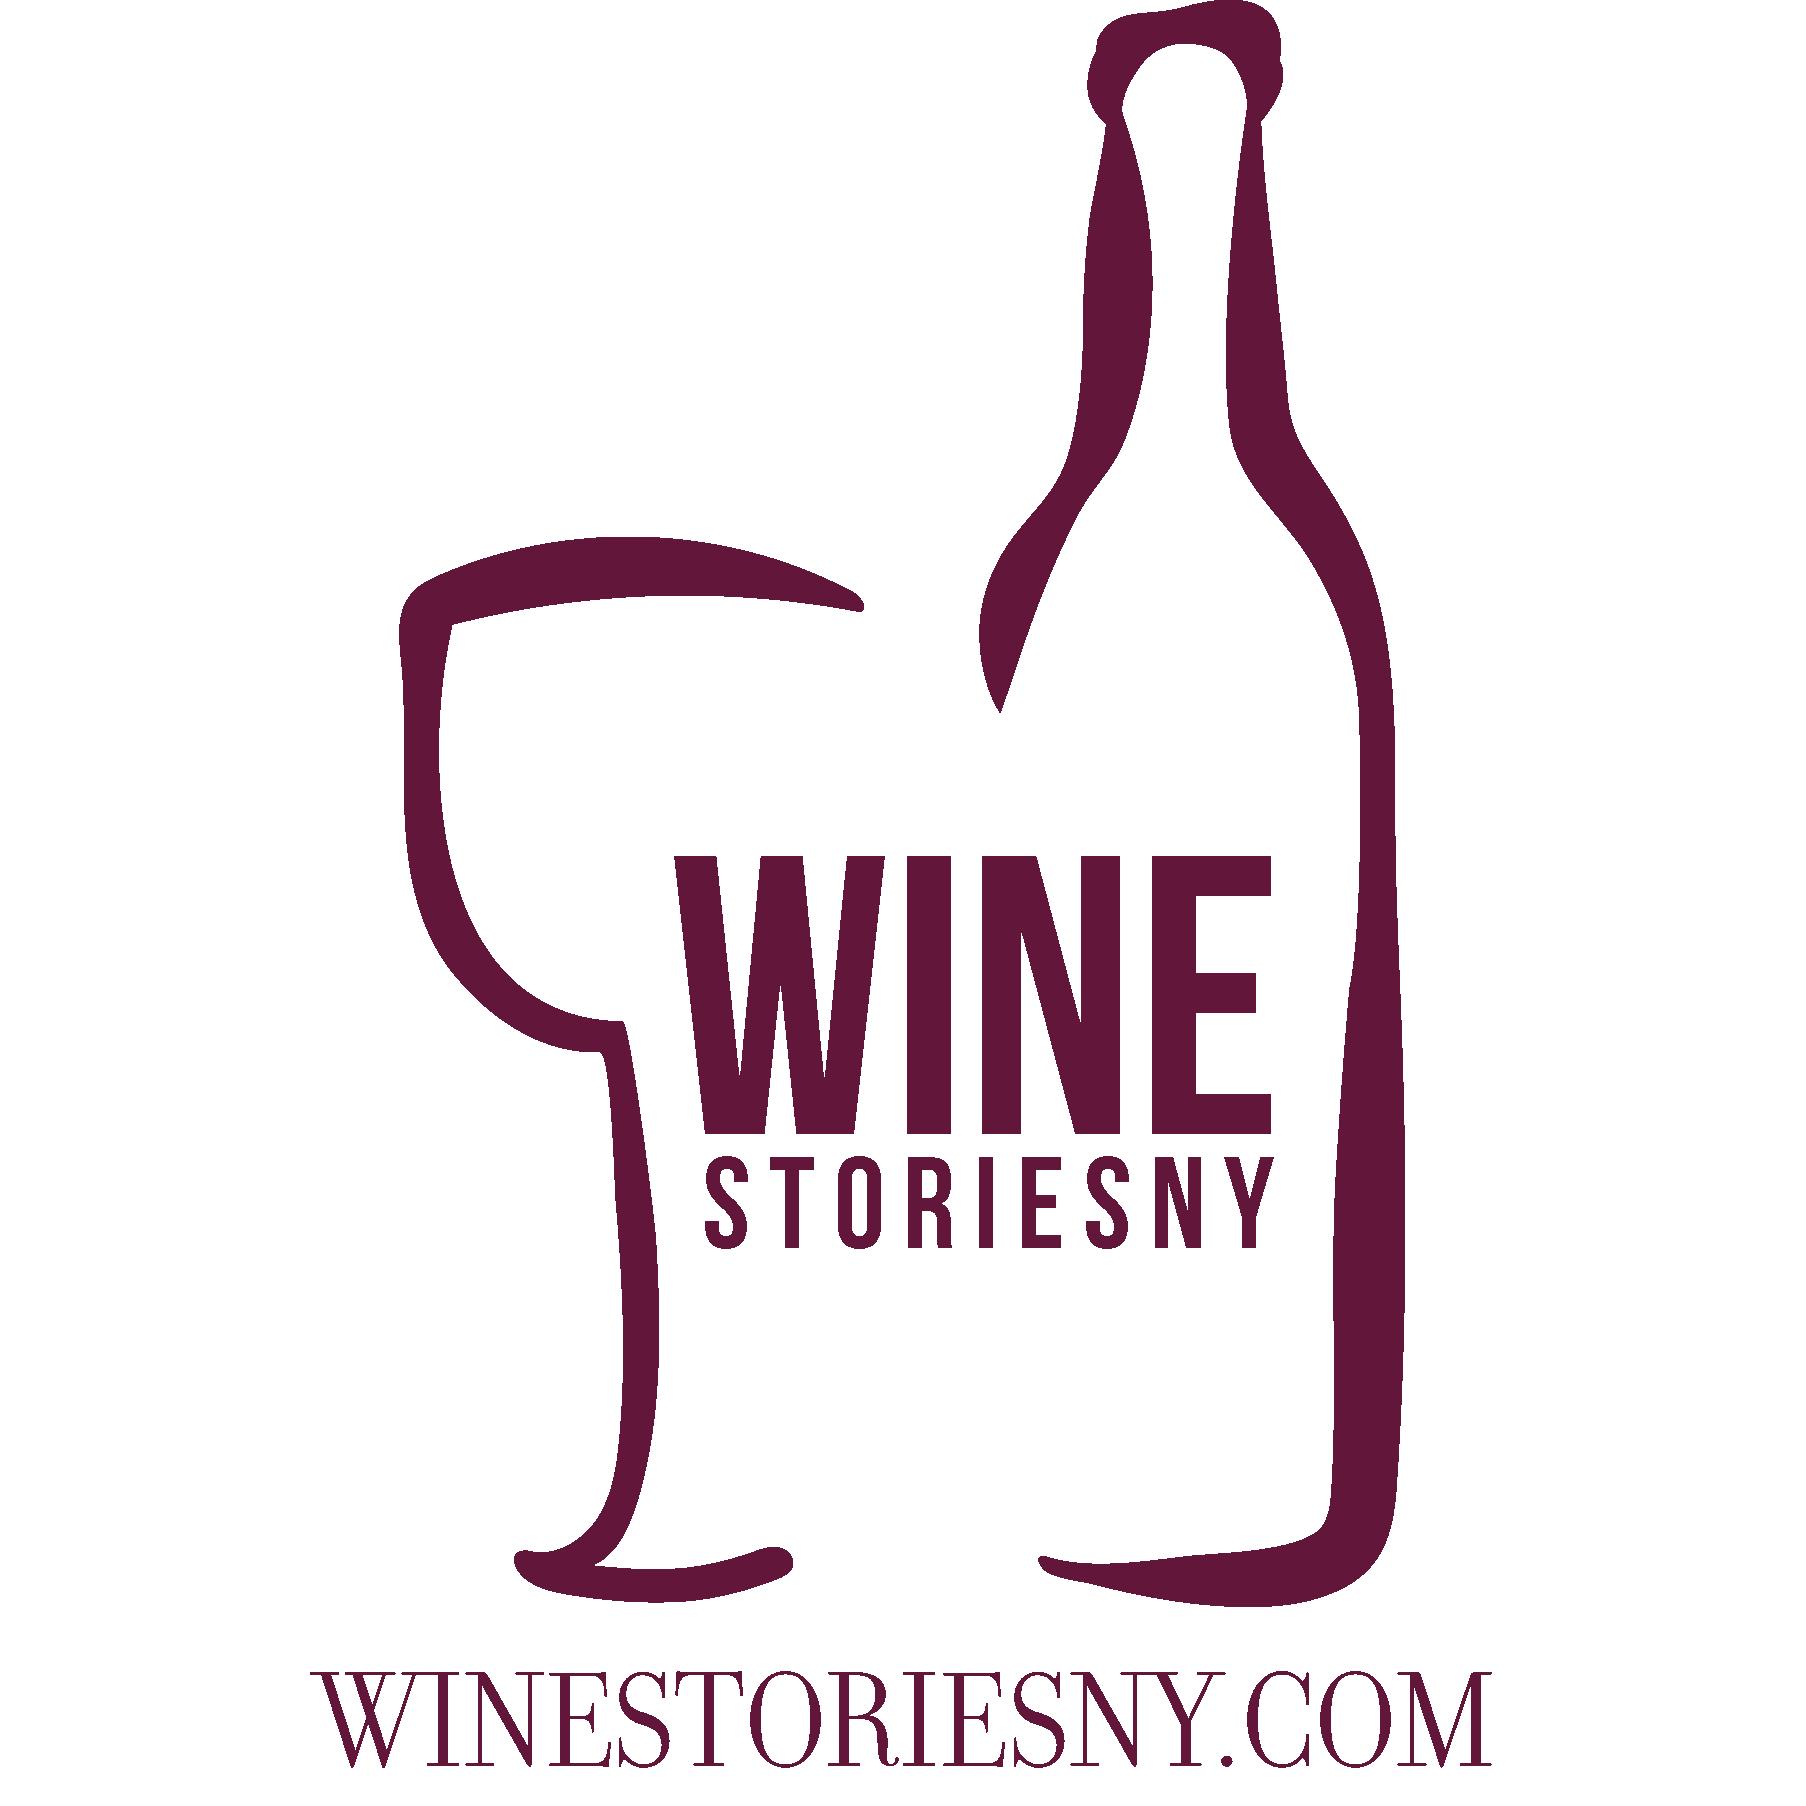 Wine Stories NY